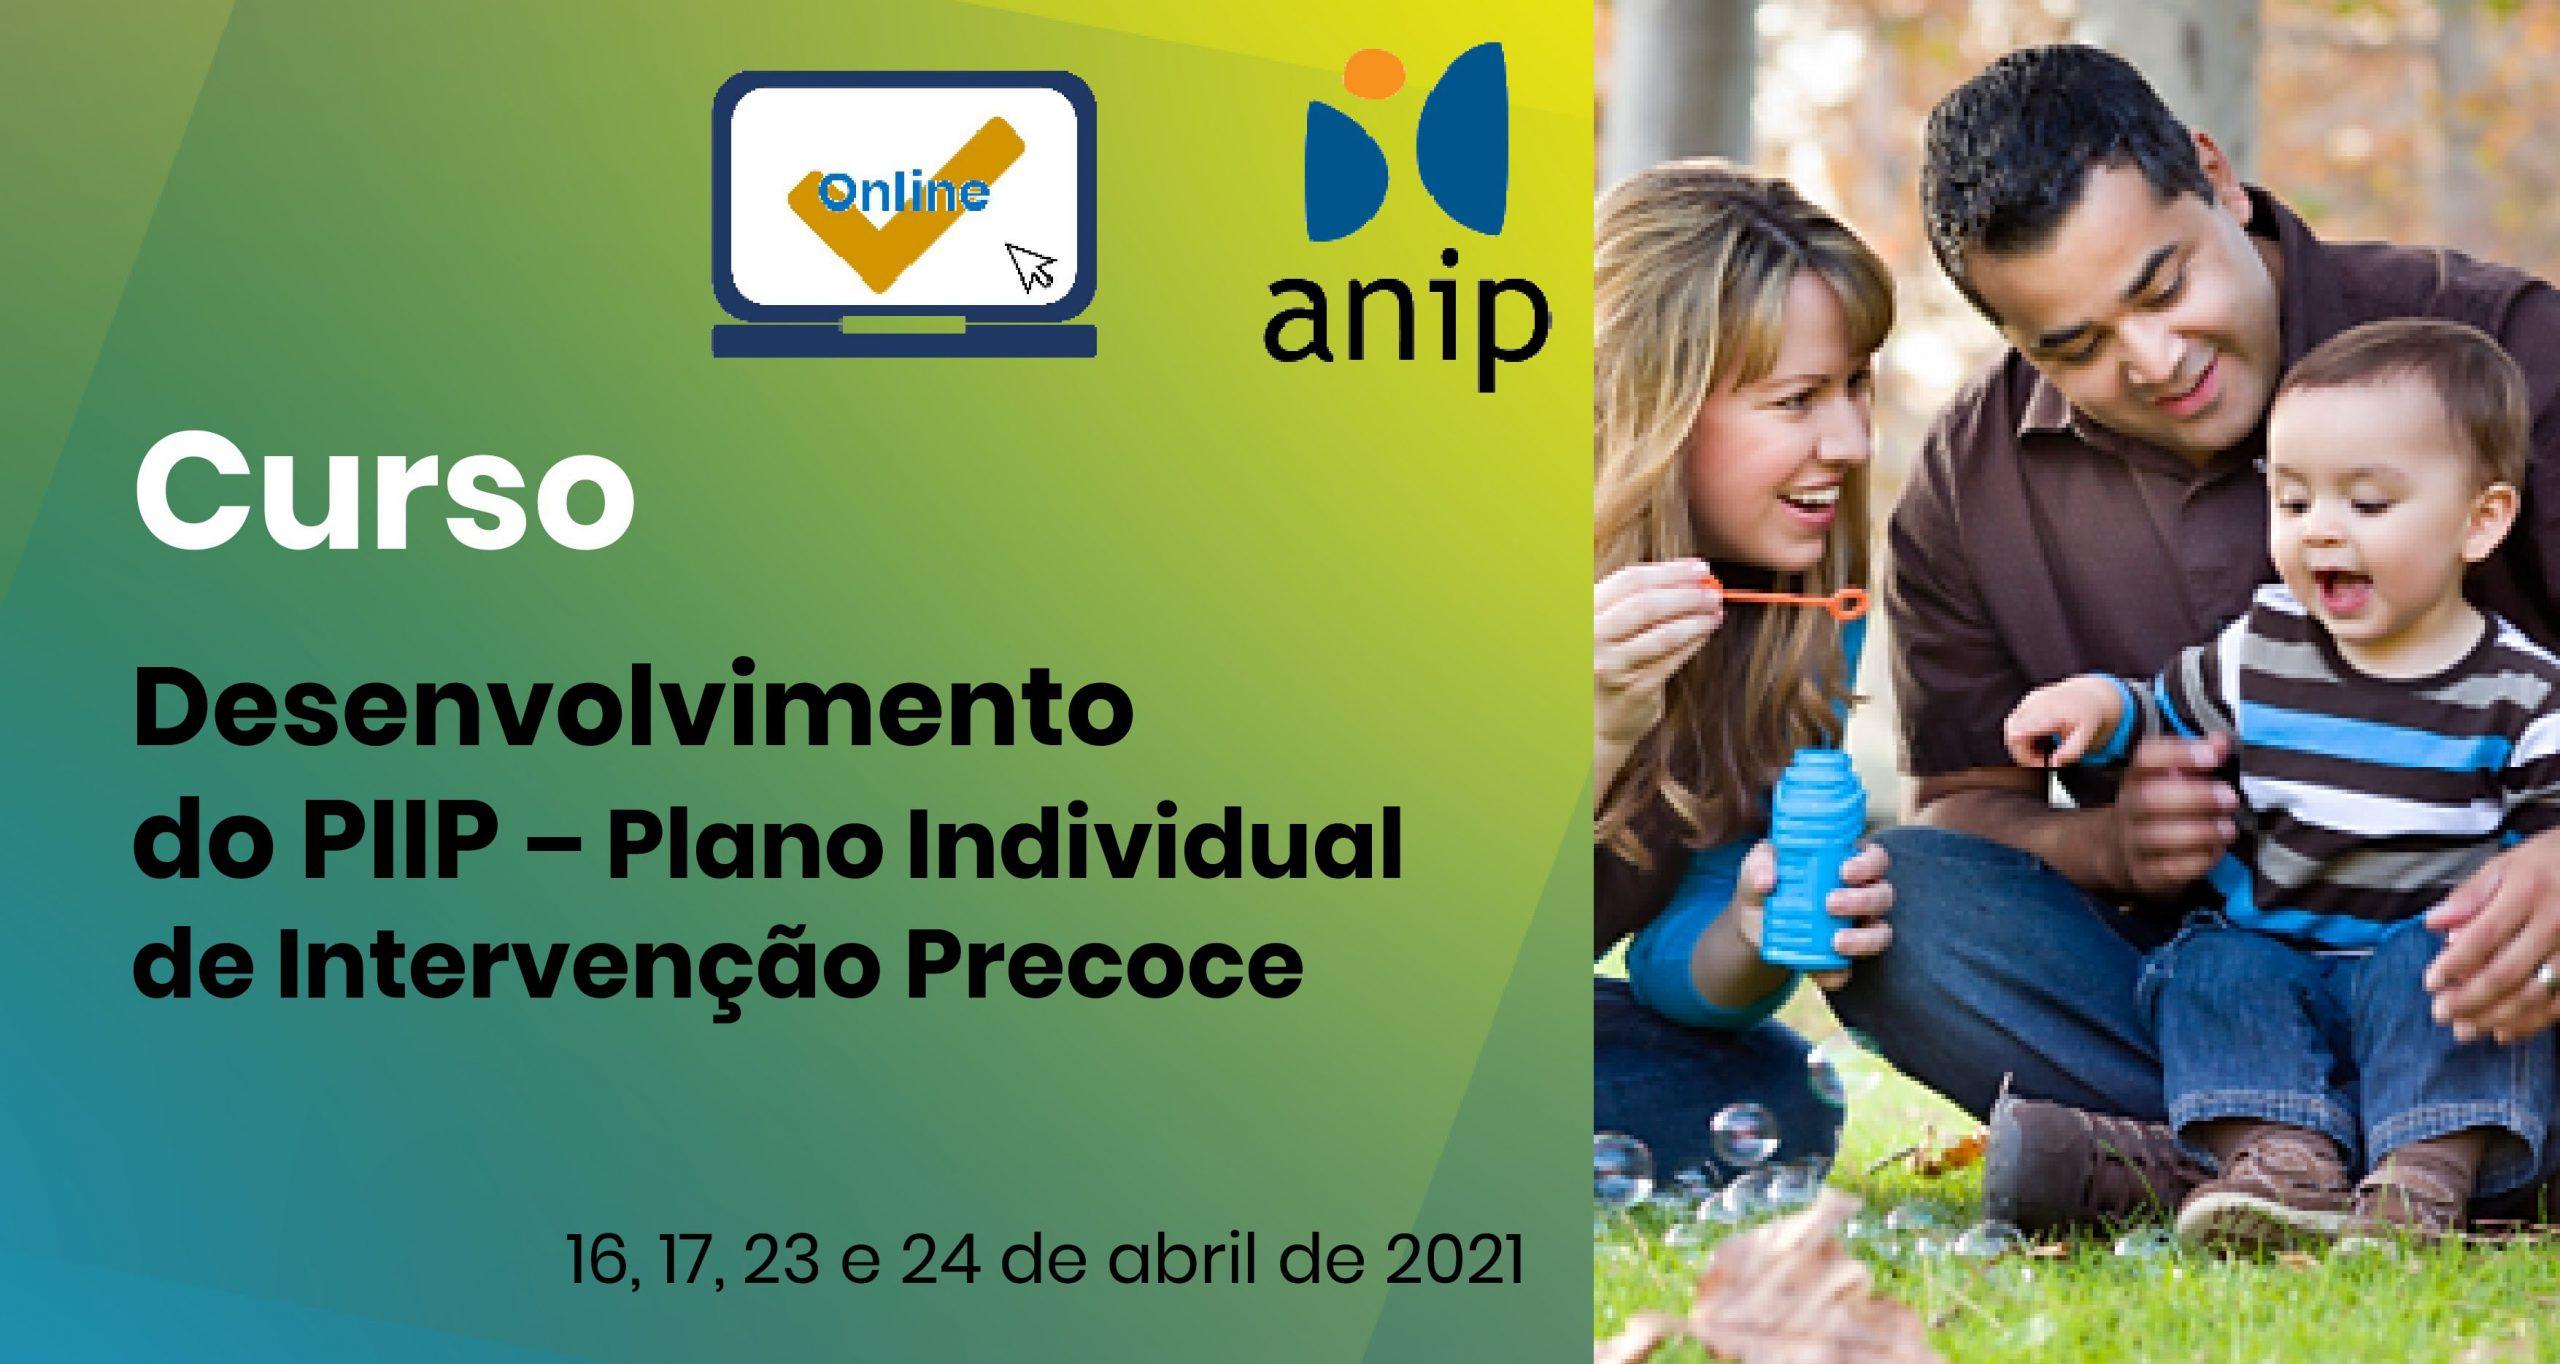 Desenvolvimento do PIIP (online)